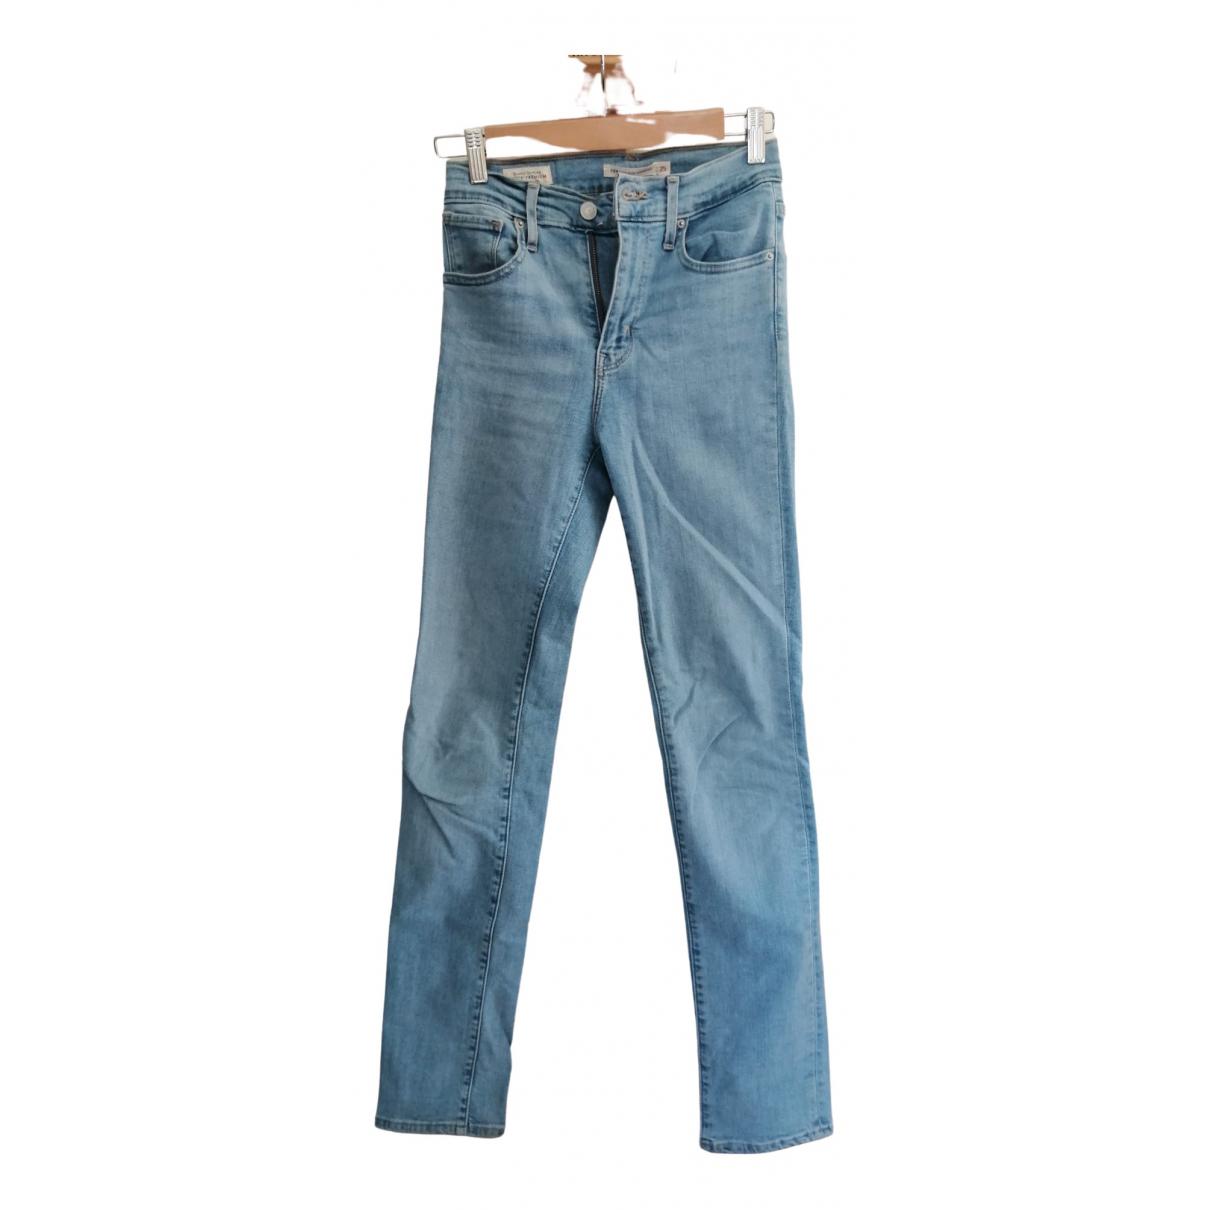 Levi's 724 Blue Denim - Jeans Jeans for Women 25 US